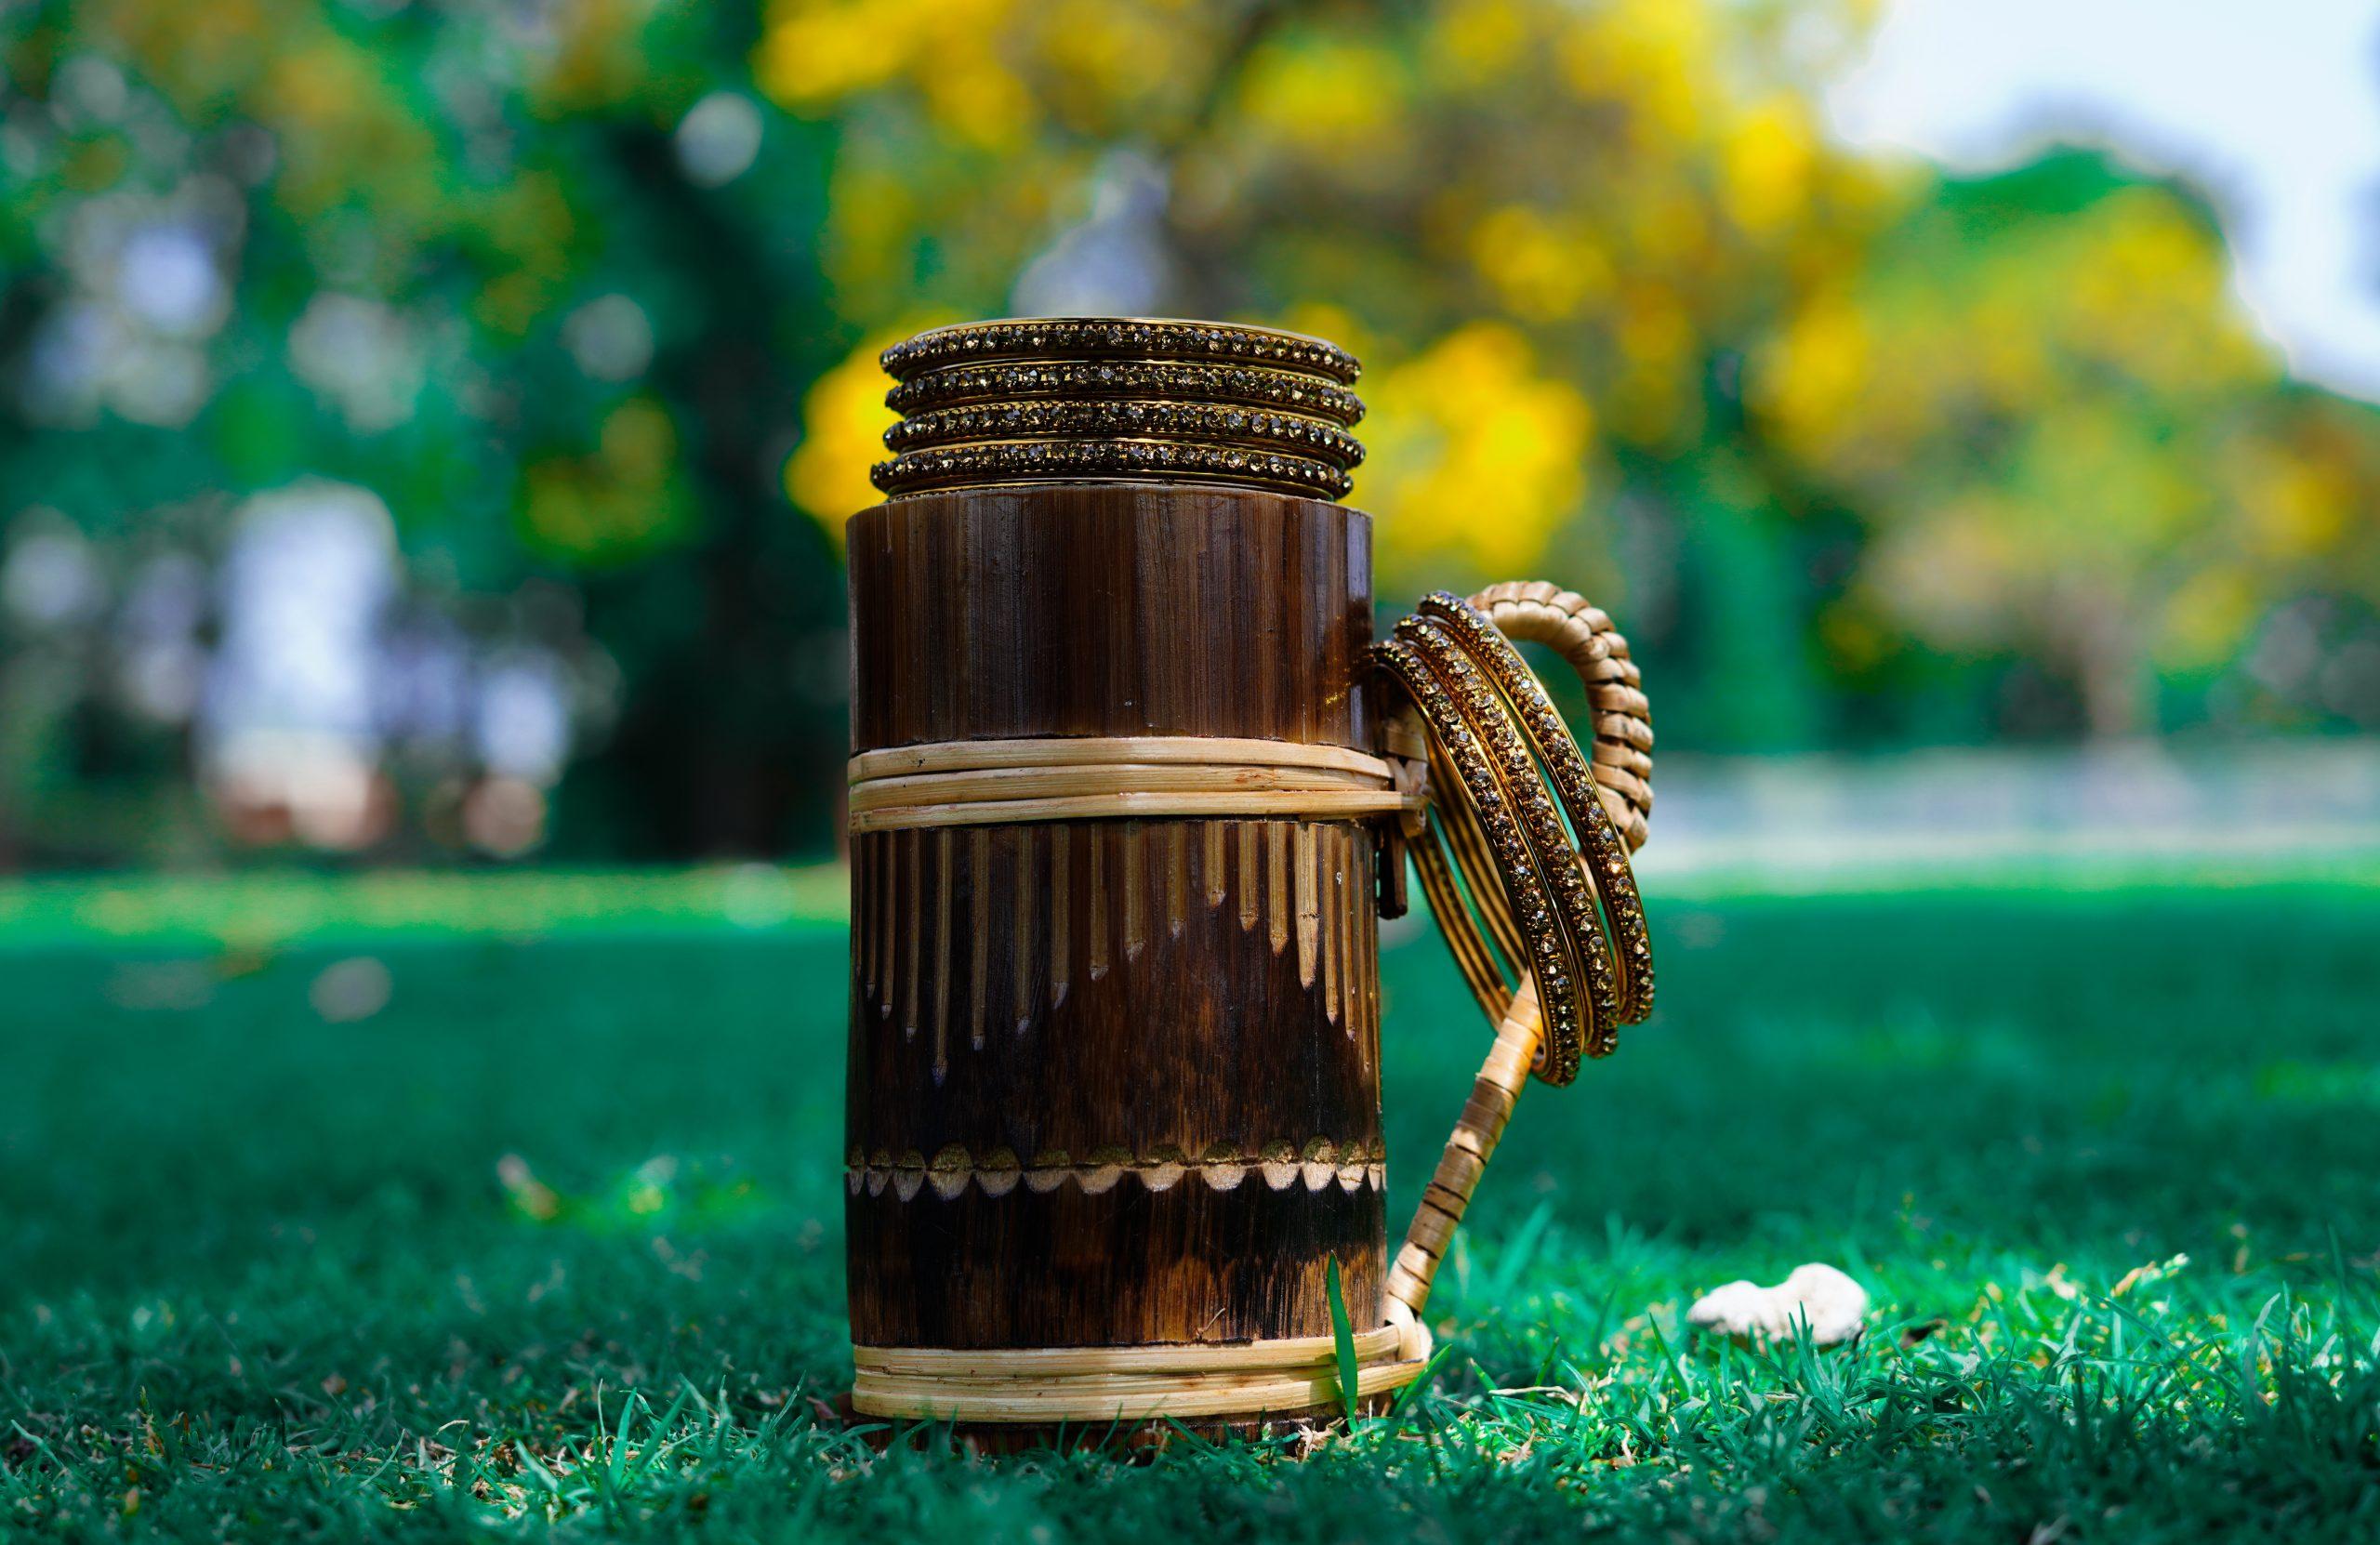 Wooden mug and bangles